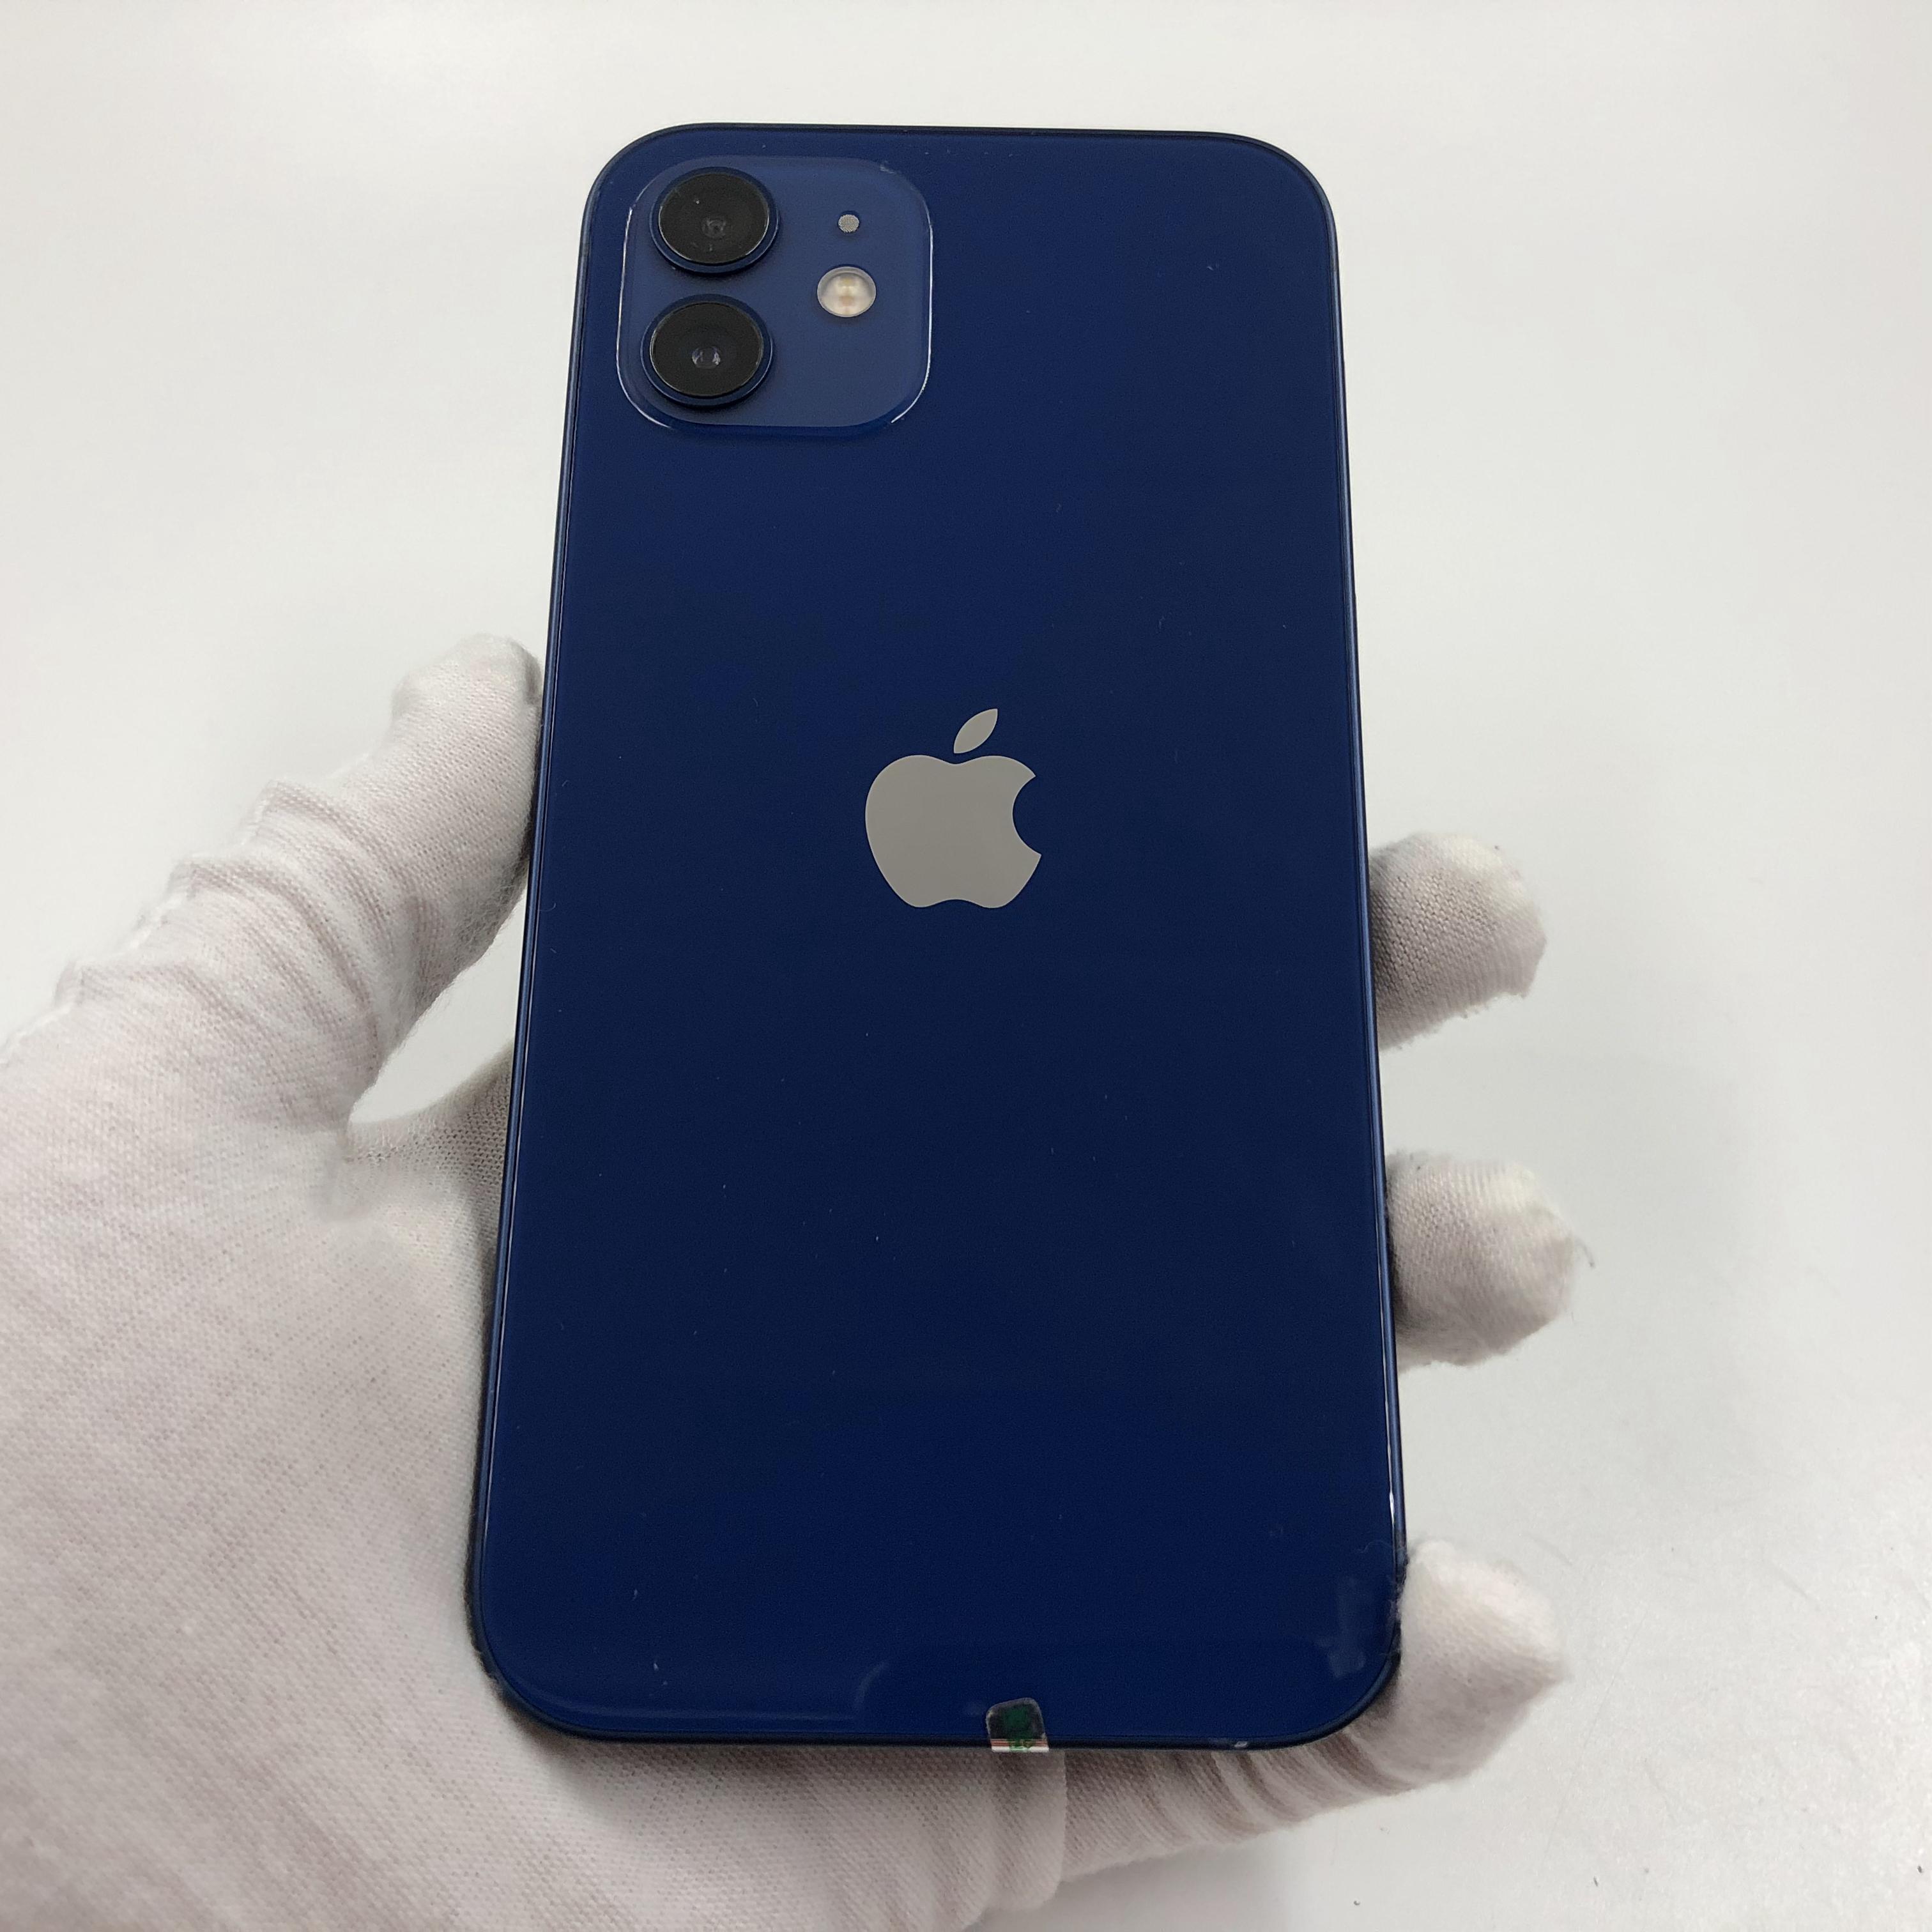 苹果【iPhone 12】5G全网通 蓝色 256G 国行 8成新 真机实拍官保2021-10-30